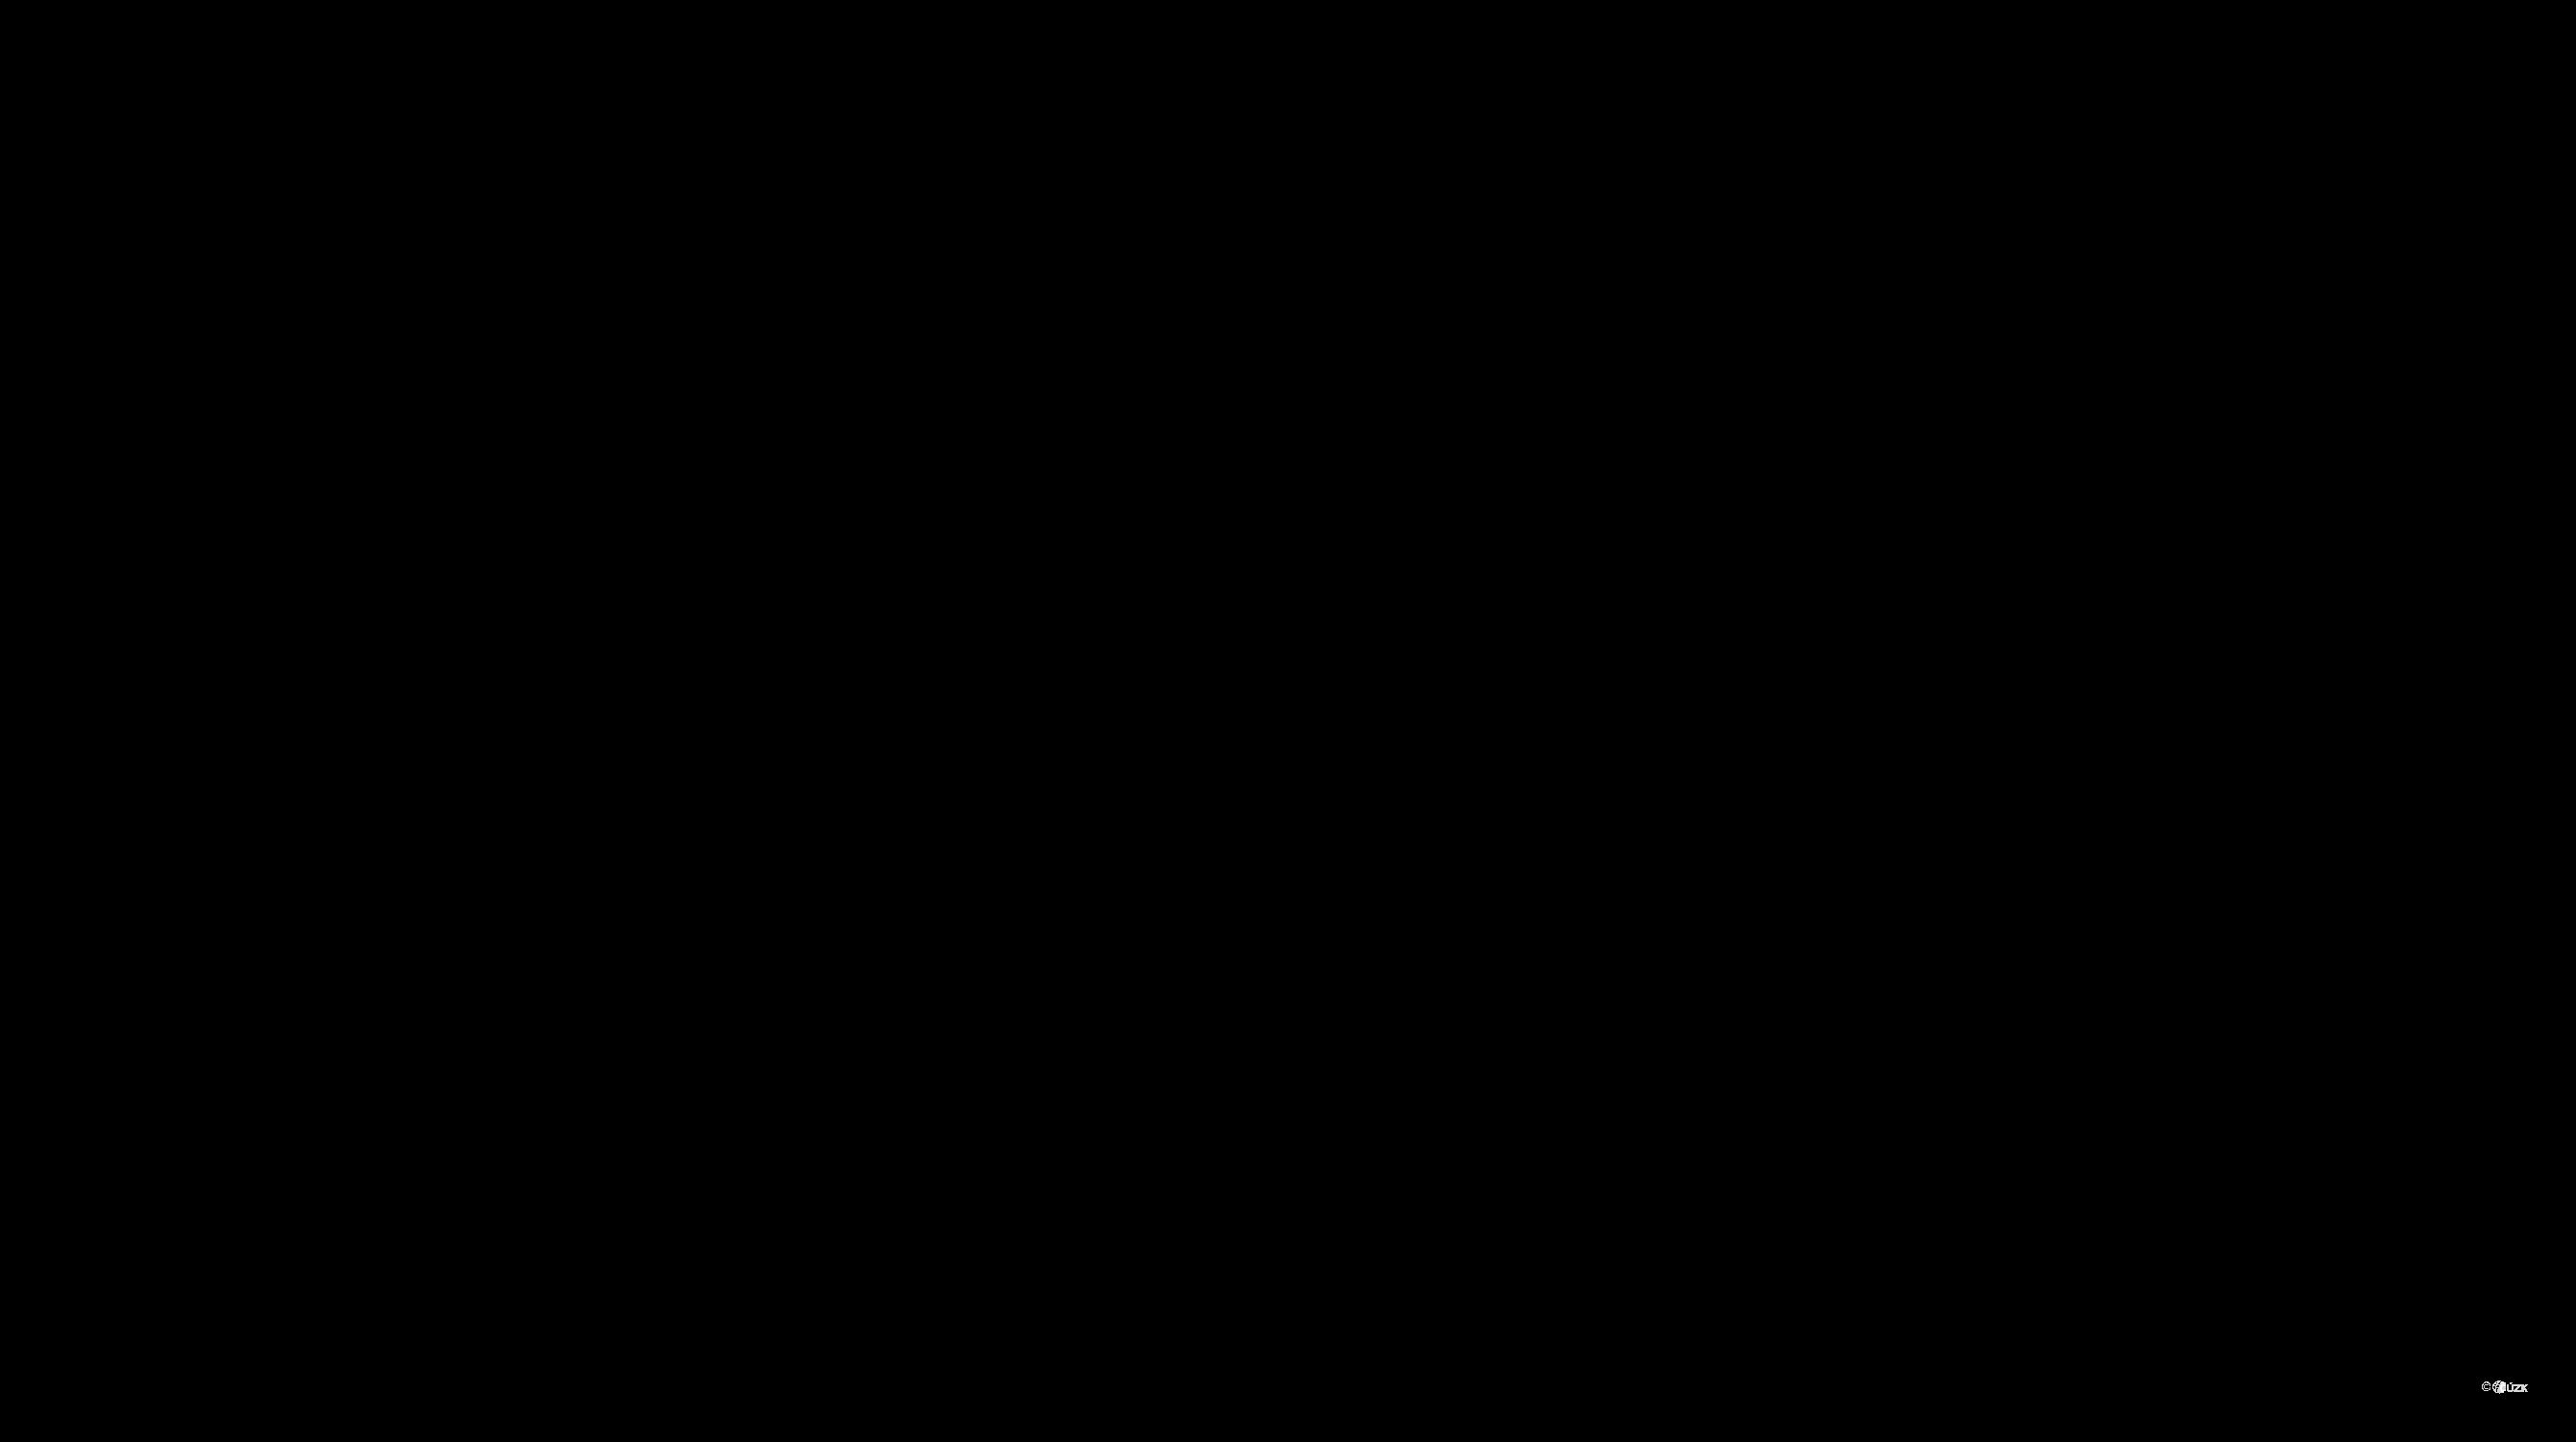 Katastrální mapa pozemků a čísla parcel Ondřejov u Rýmařova